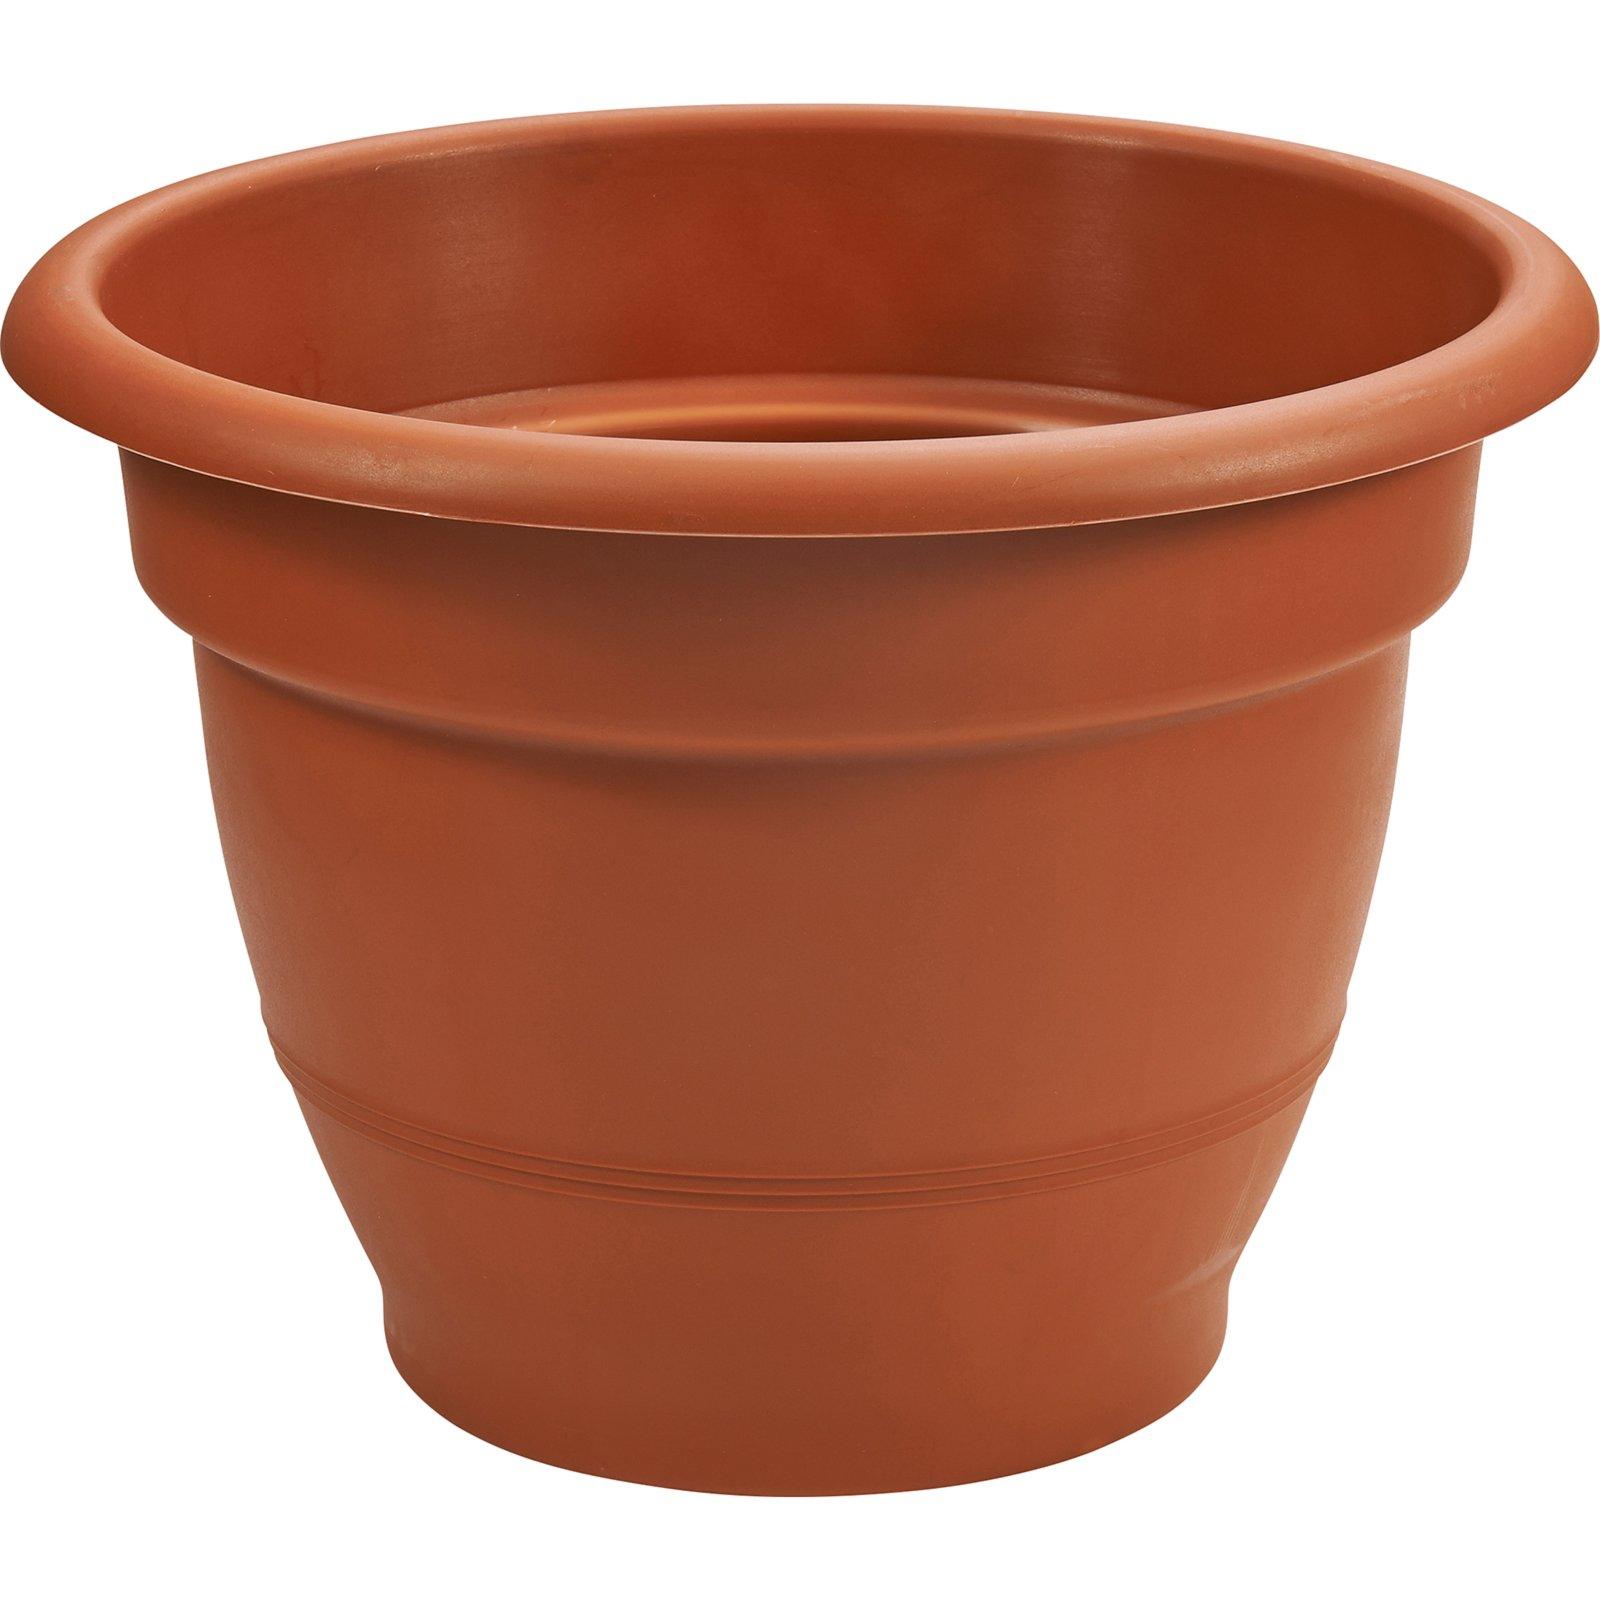 Blumentopf SYDNEY - terracotta - Durchmesser 45 cm